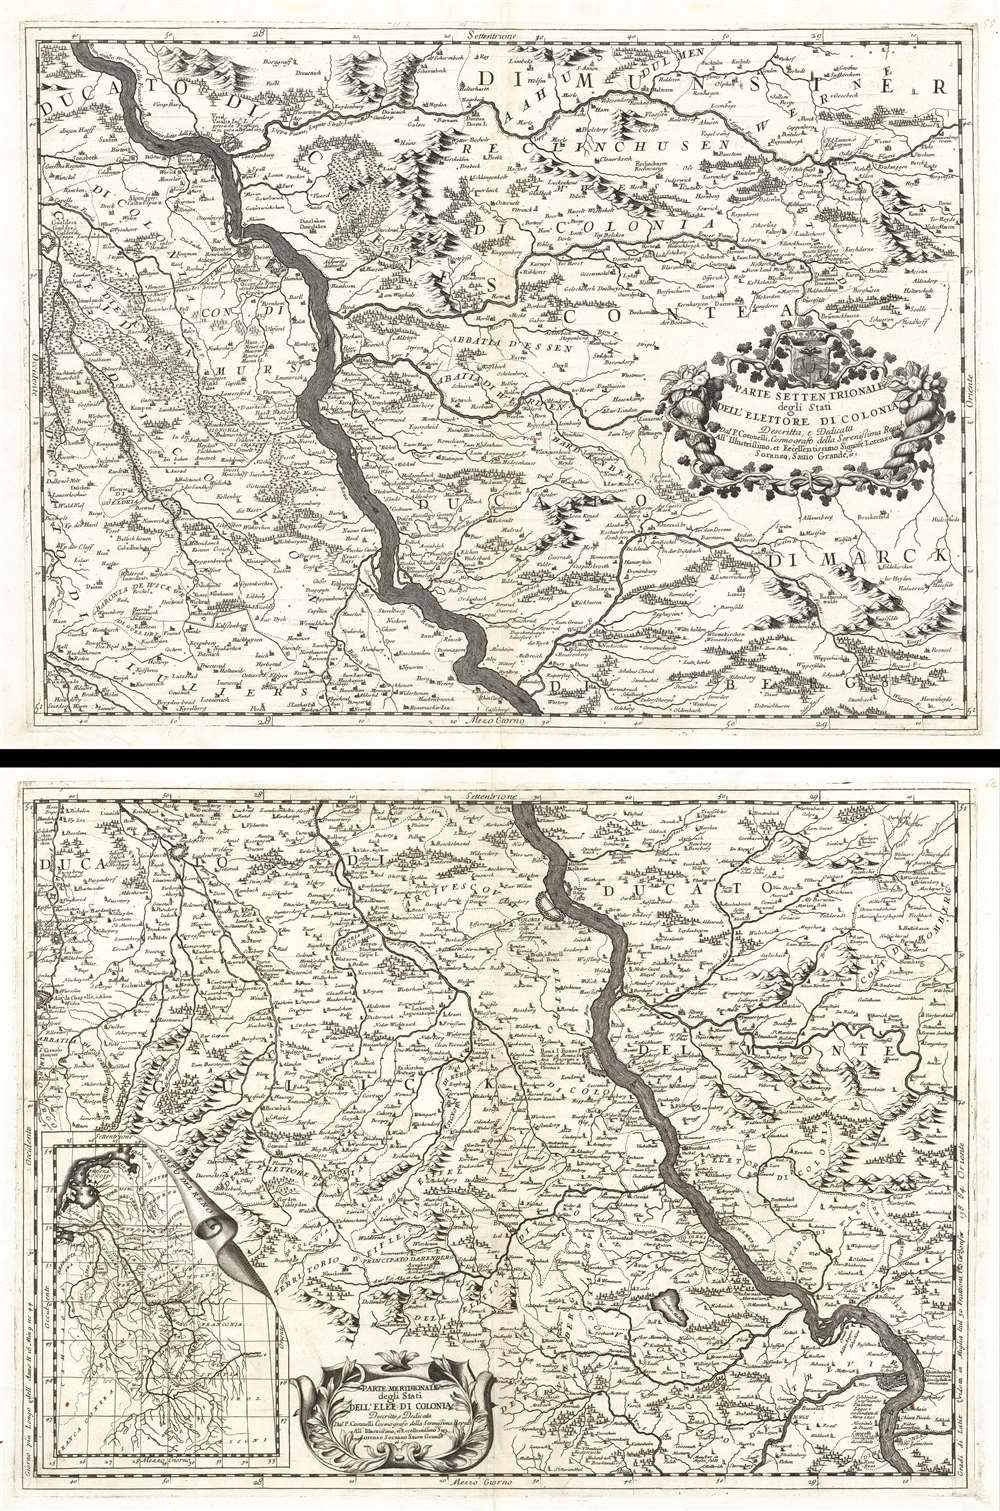 Parte Settentrionale degli Stati Dell'Elettore di Colonia. / Parte Meridionale degli Stati Dell'Elet. Di Colonia.